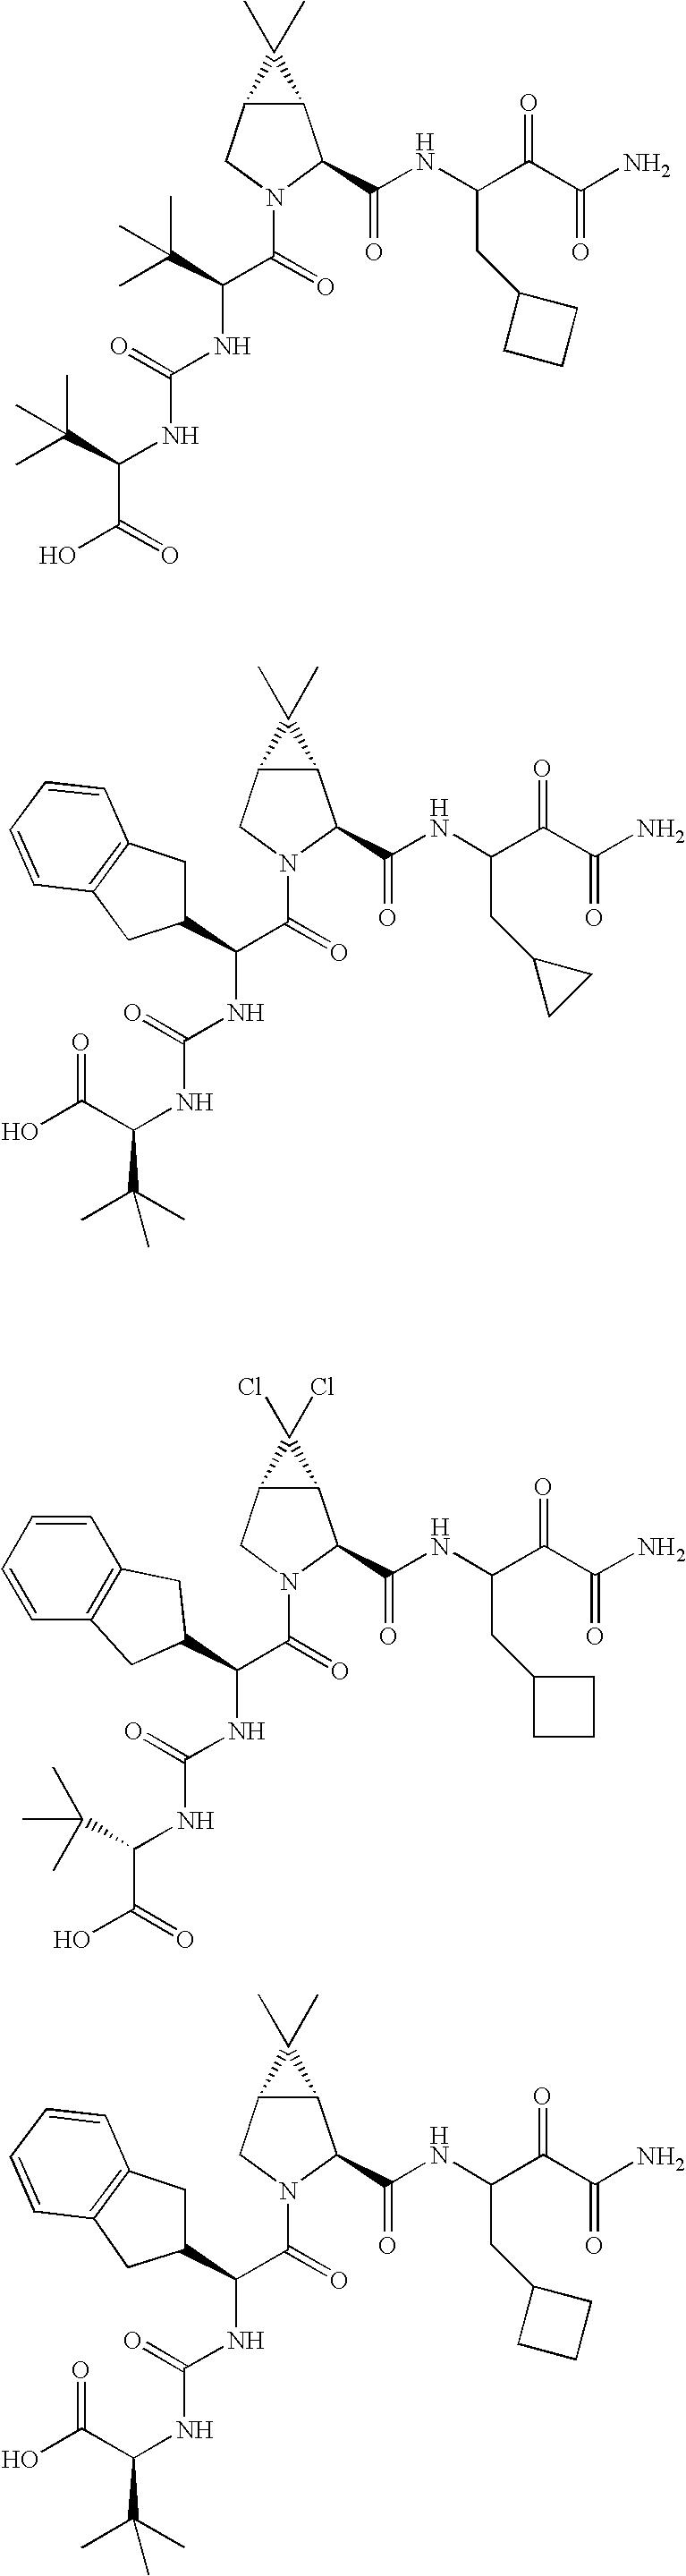 Figure US20060287248A1-20061221-C00300